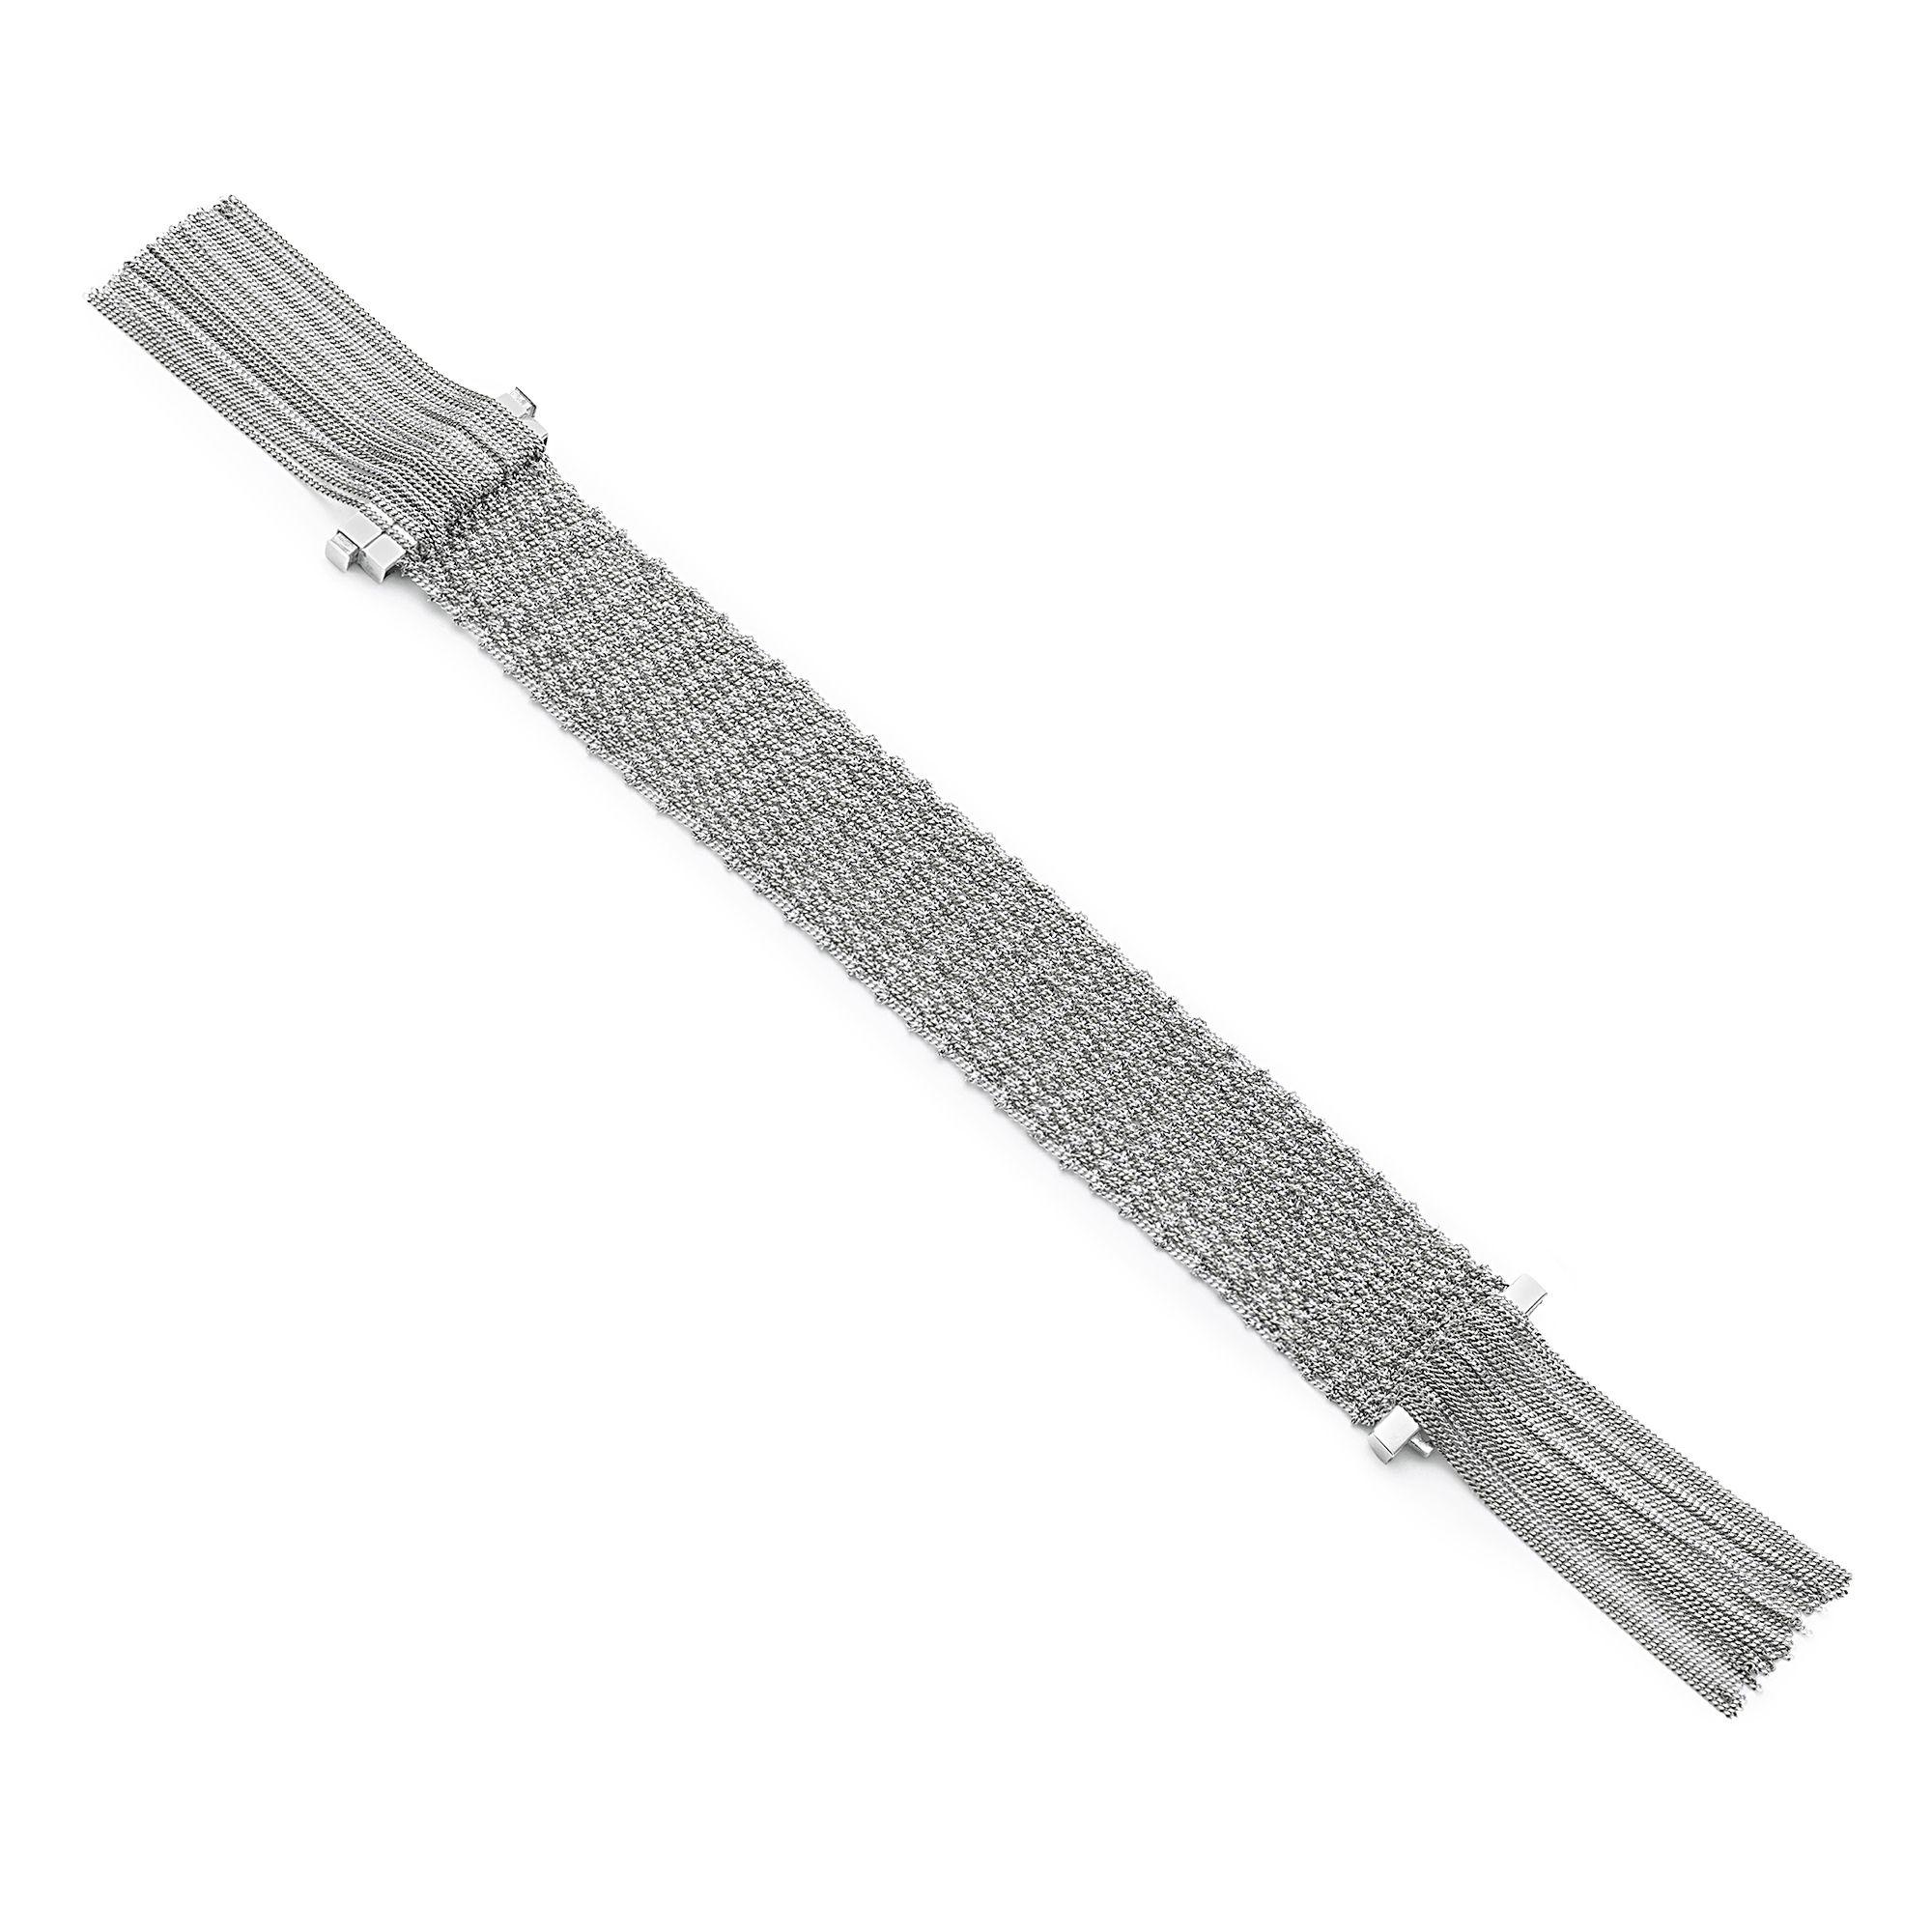 Silver knit bracelet with fringes 2 cm silver bracelet